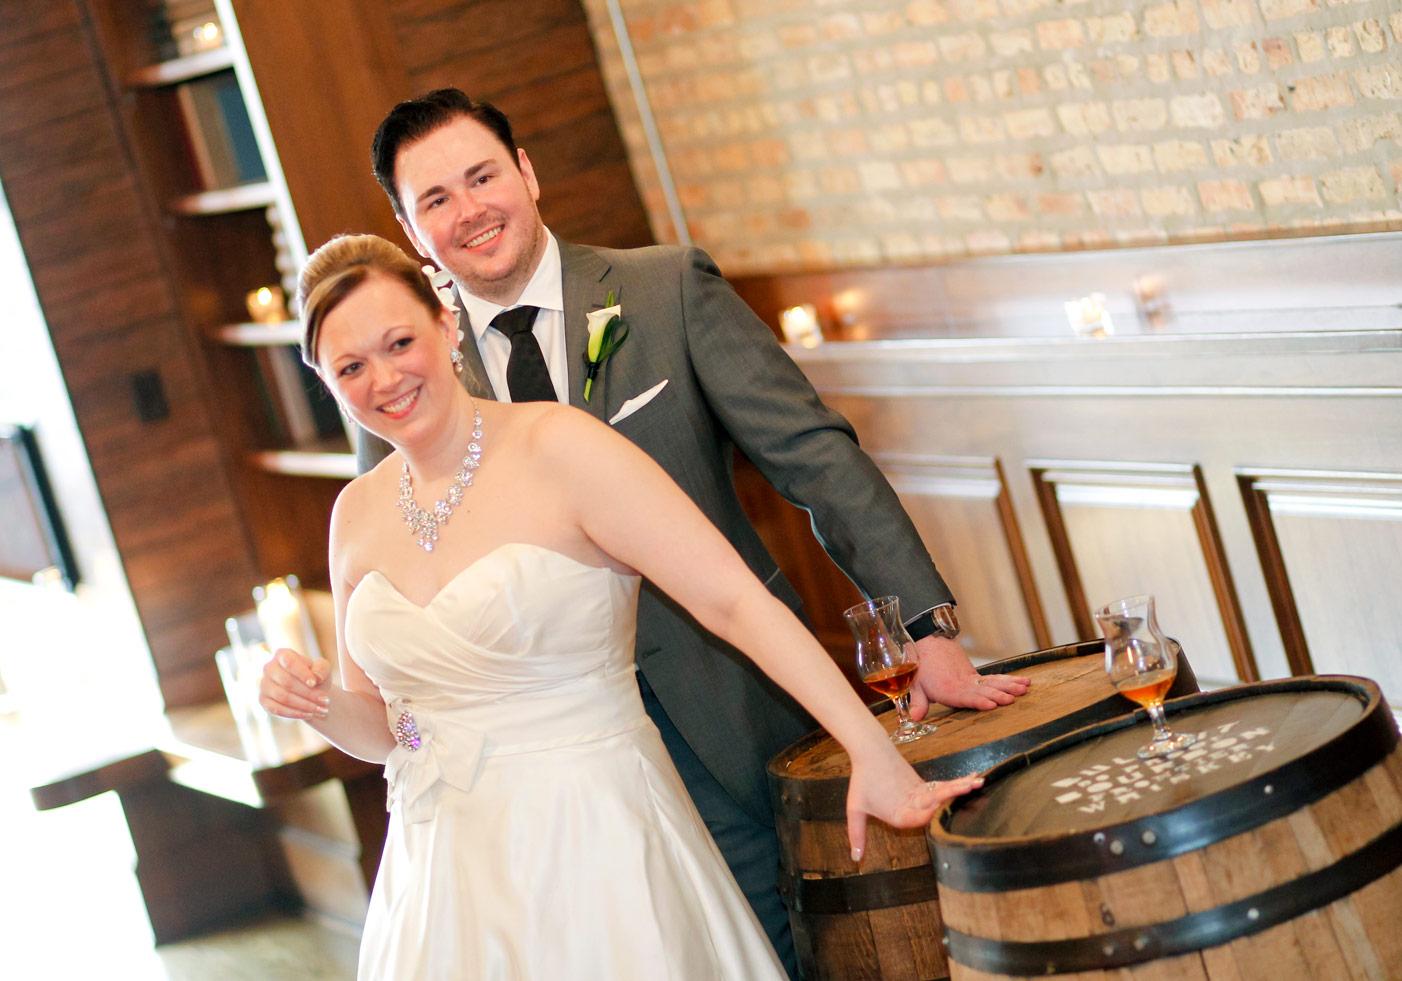 revolution-brewing-chicago-blackhawks-wedding-ruthie-hauge-photography-60.jpg